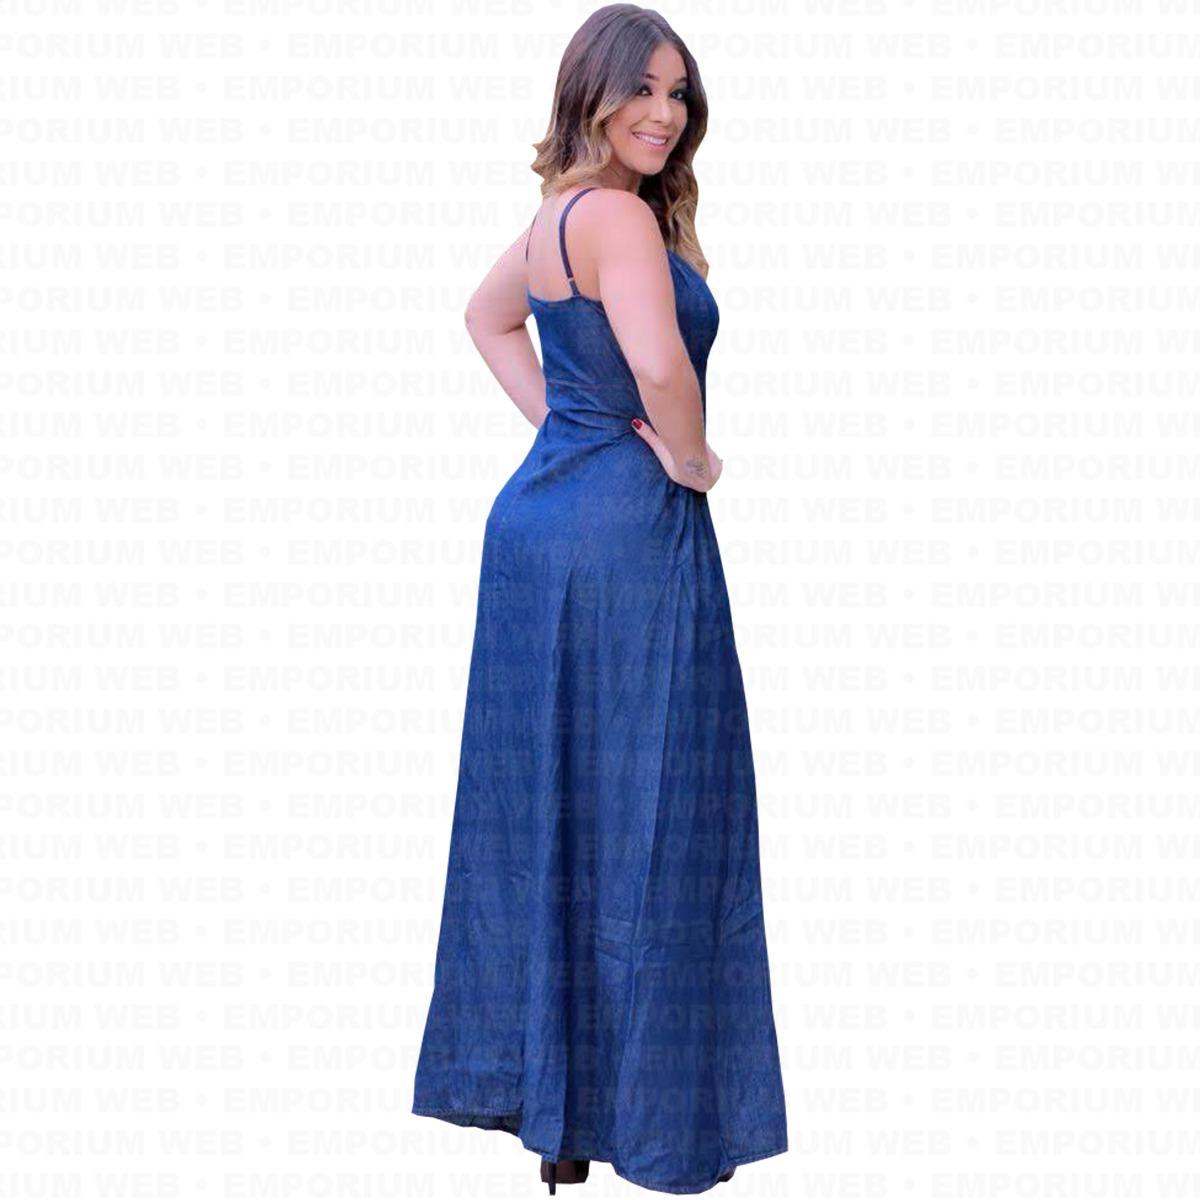 21c1fcc40 Carregando zoom... vestido feminino jeans longo alcinha tendência moda  momento